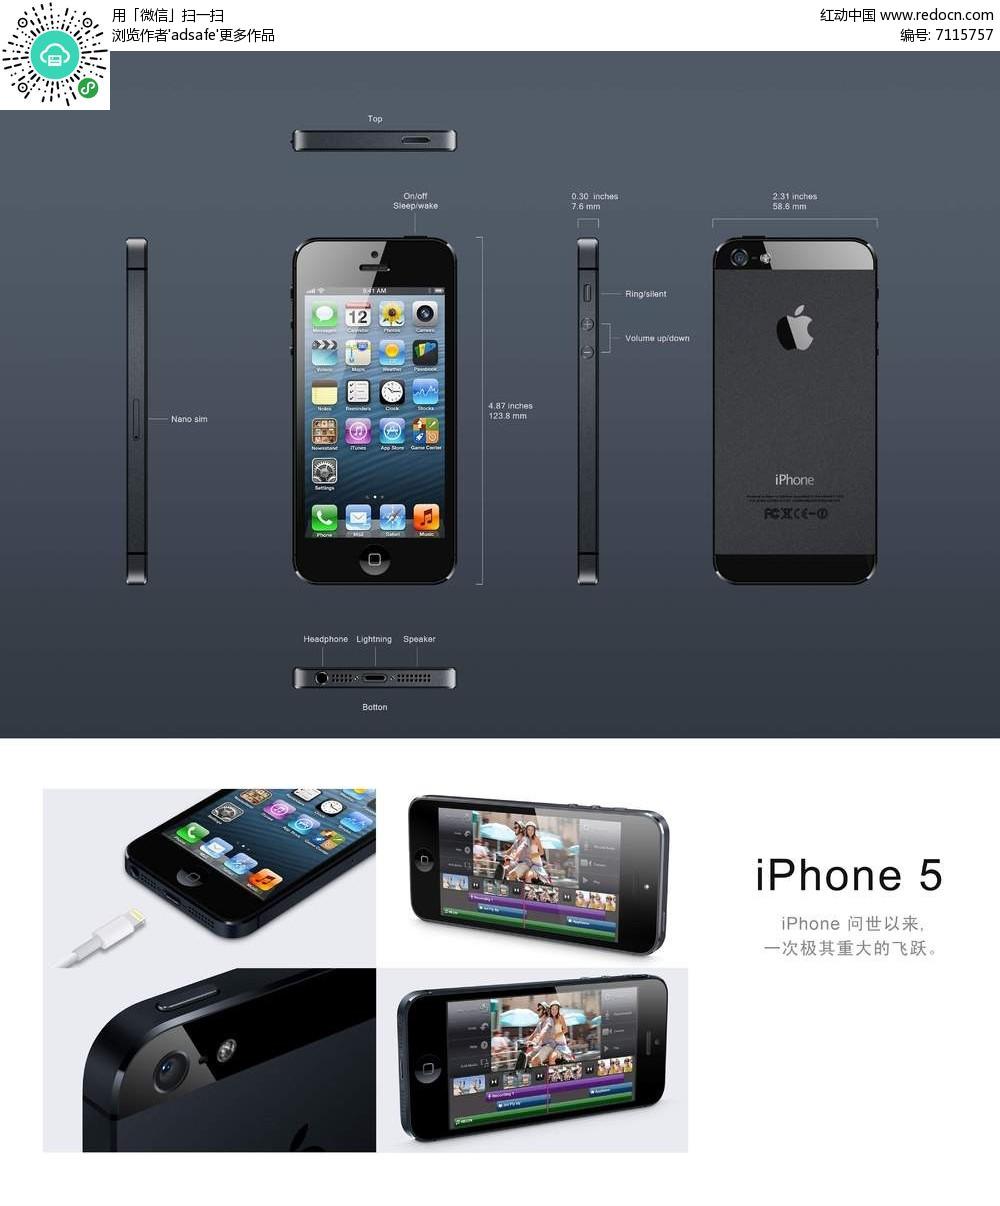 苹果5_苹果5手机三视图说明书设计